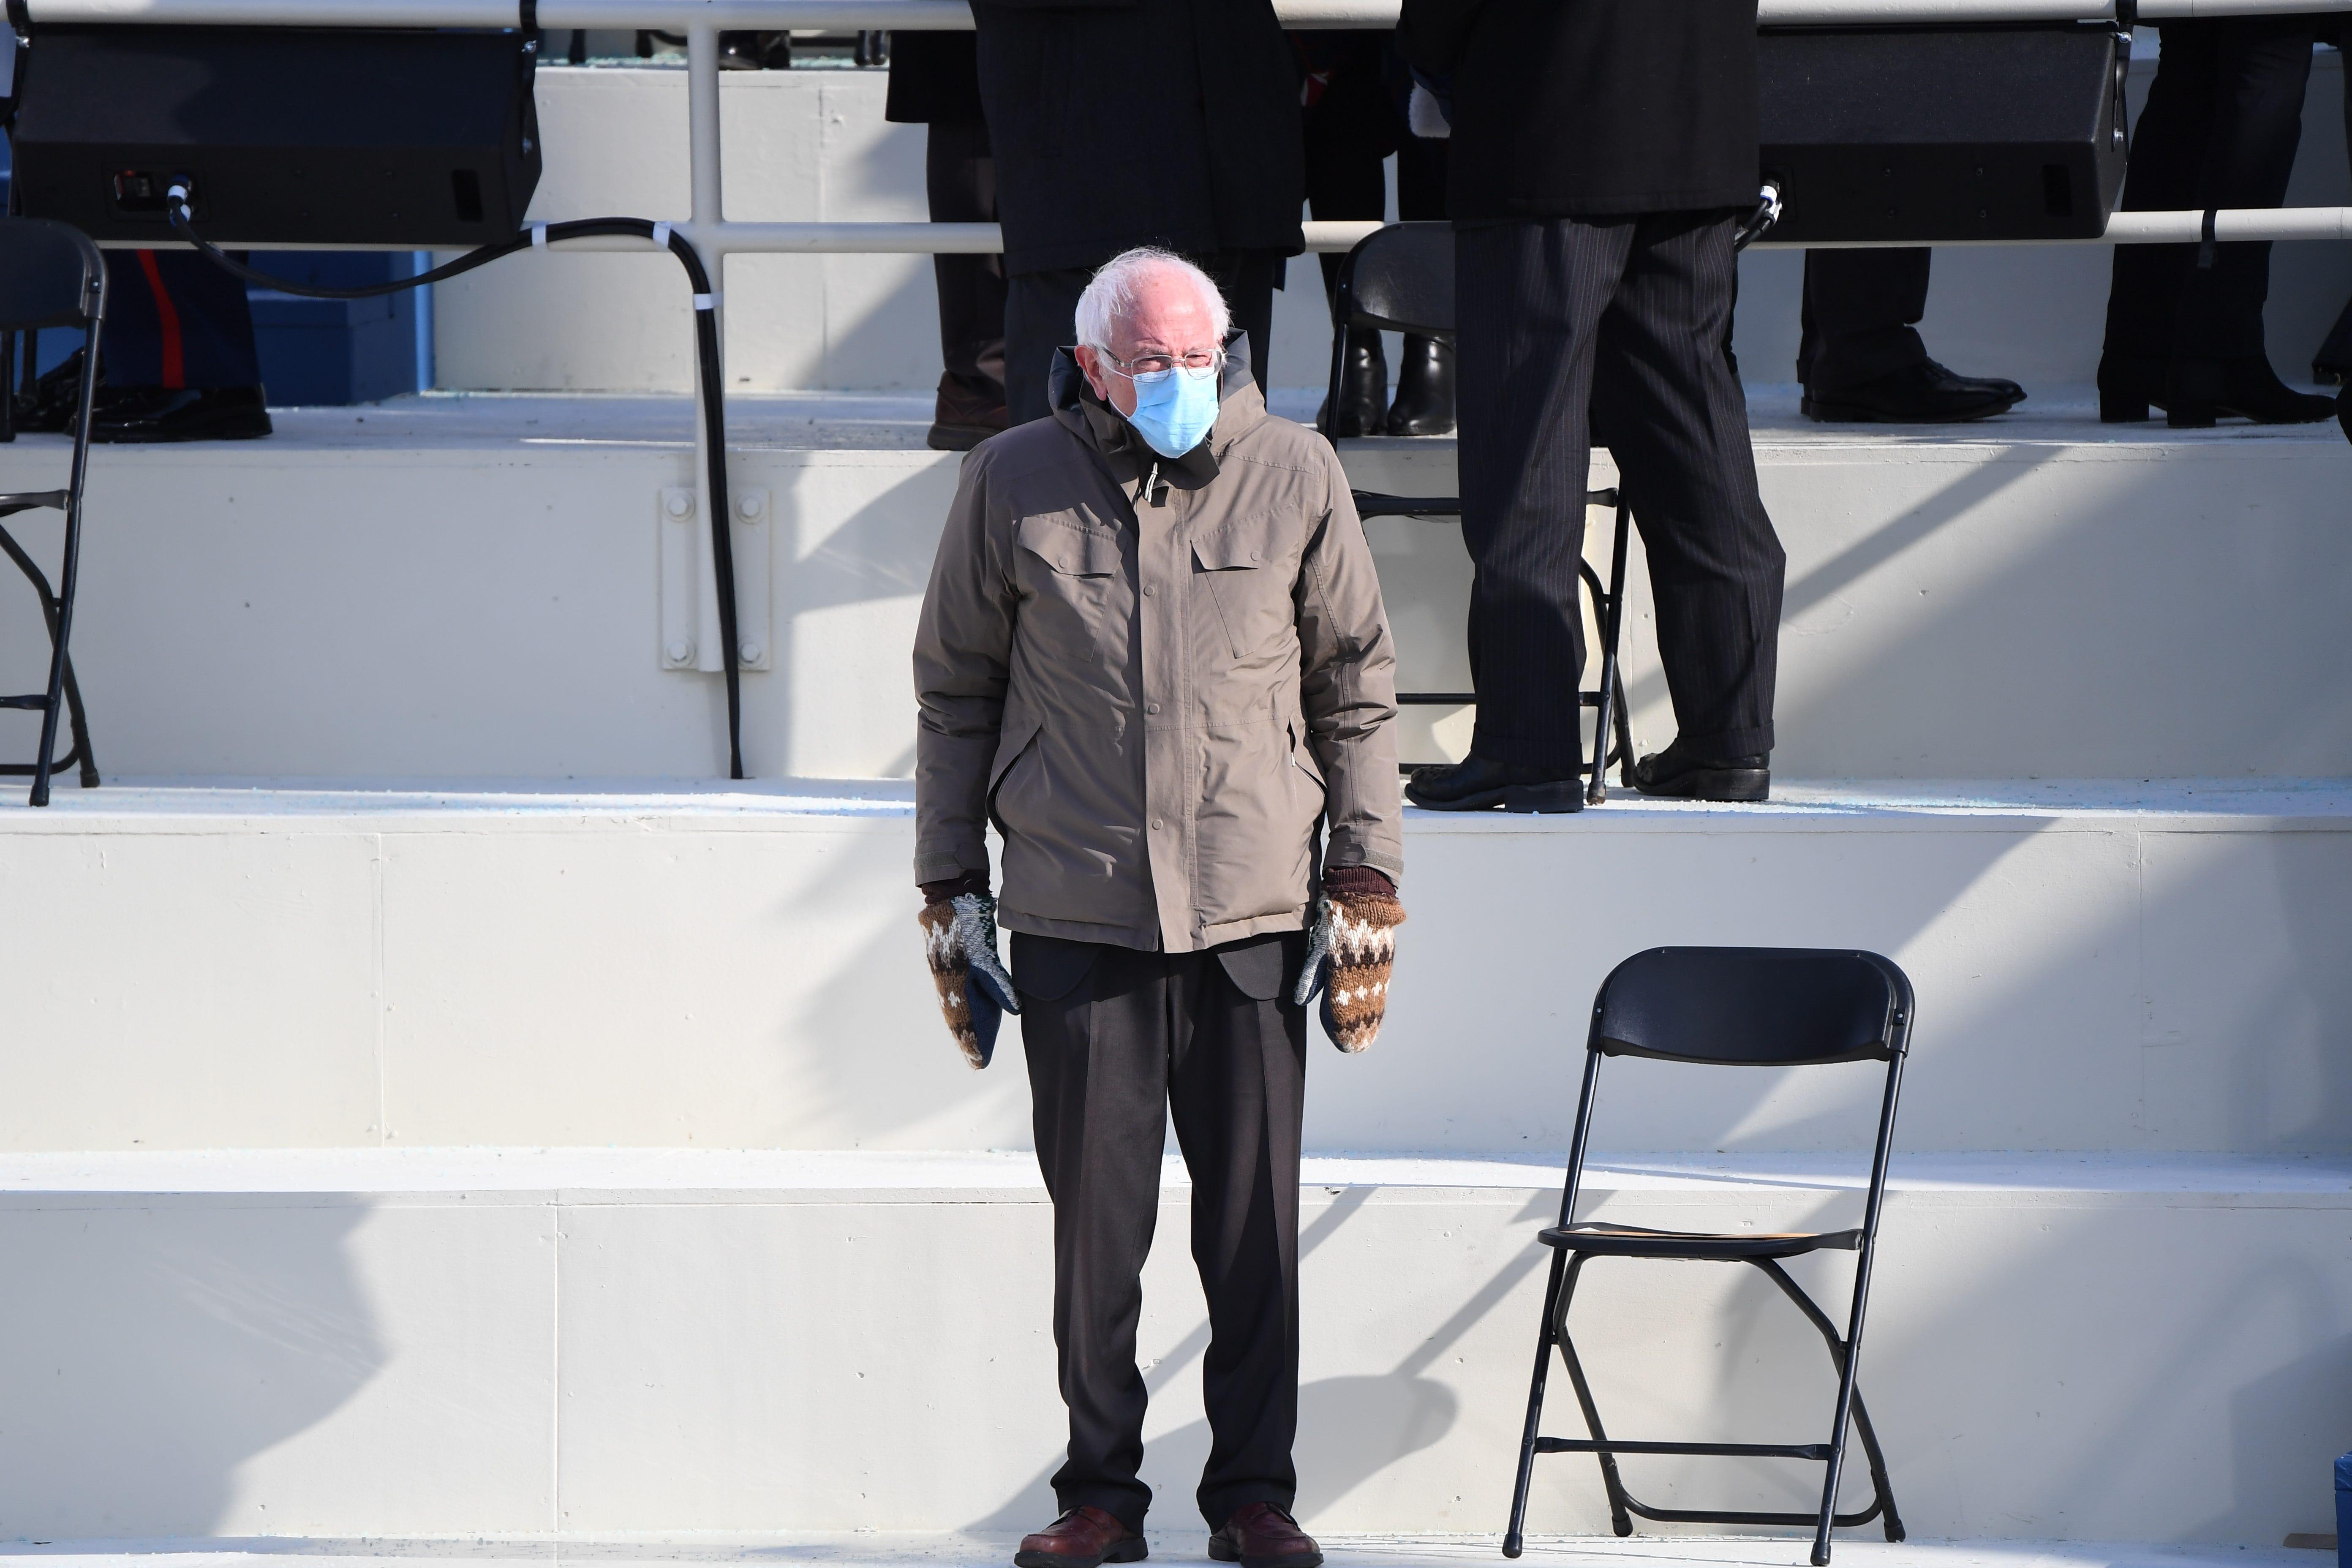 Sen. Bernie Sanders' Vermont-made mittens worn at Biden's inauguration go viral